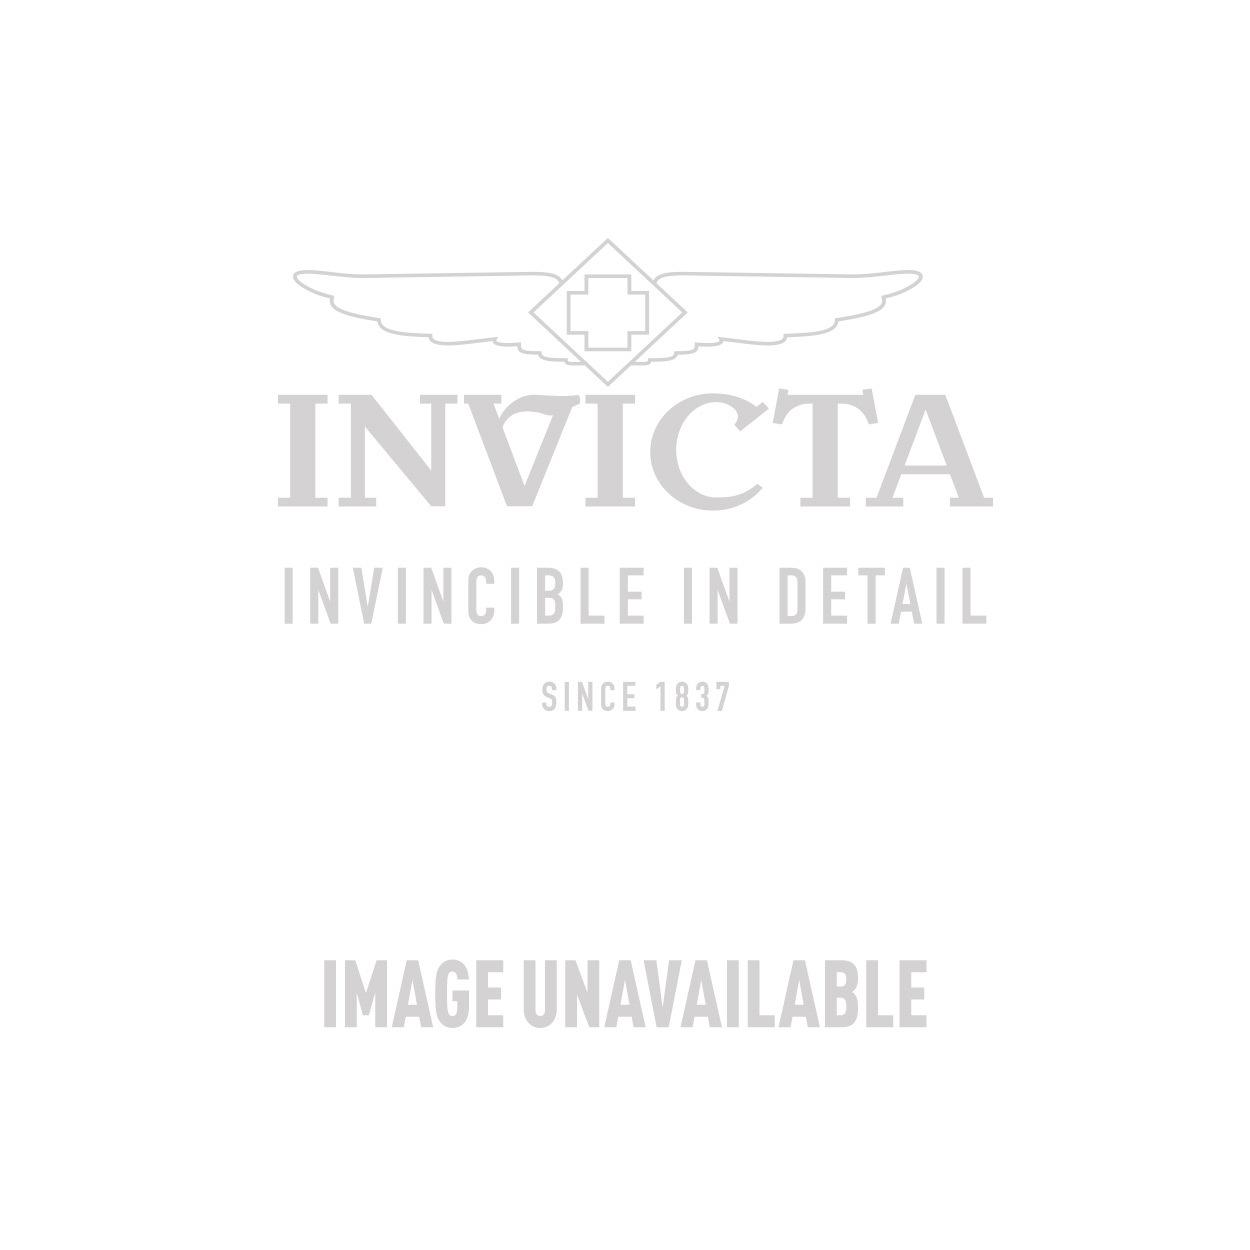 Invicta Speedway Quartz Watch - Gold, Stainless Steel case with Steel, Gold tone Stainless Steel band - Model 14932